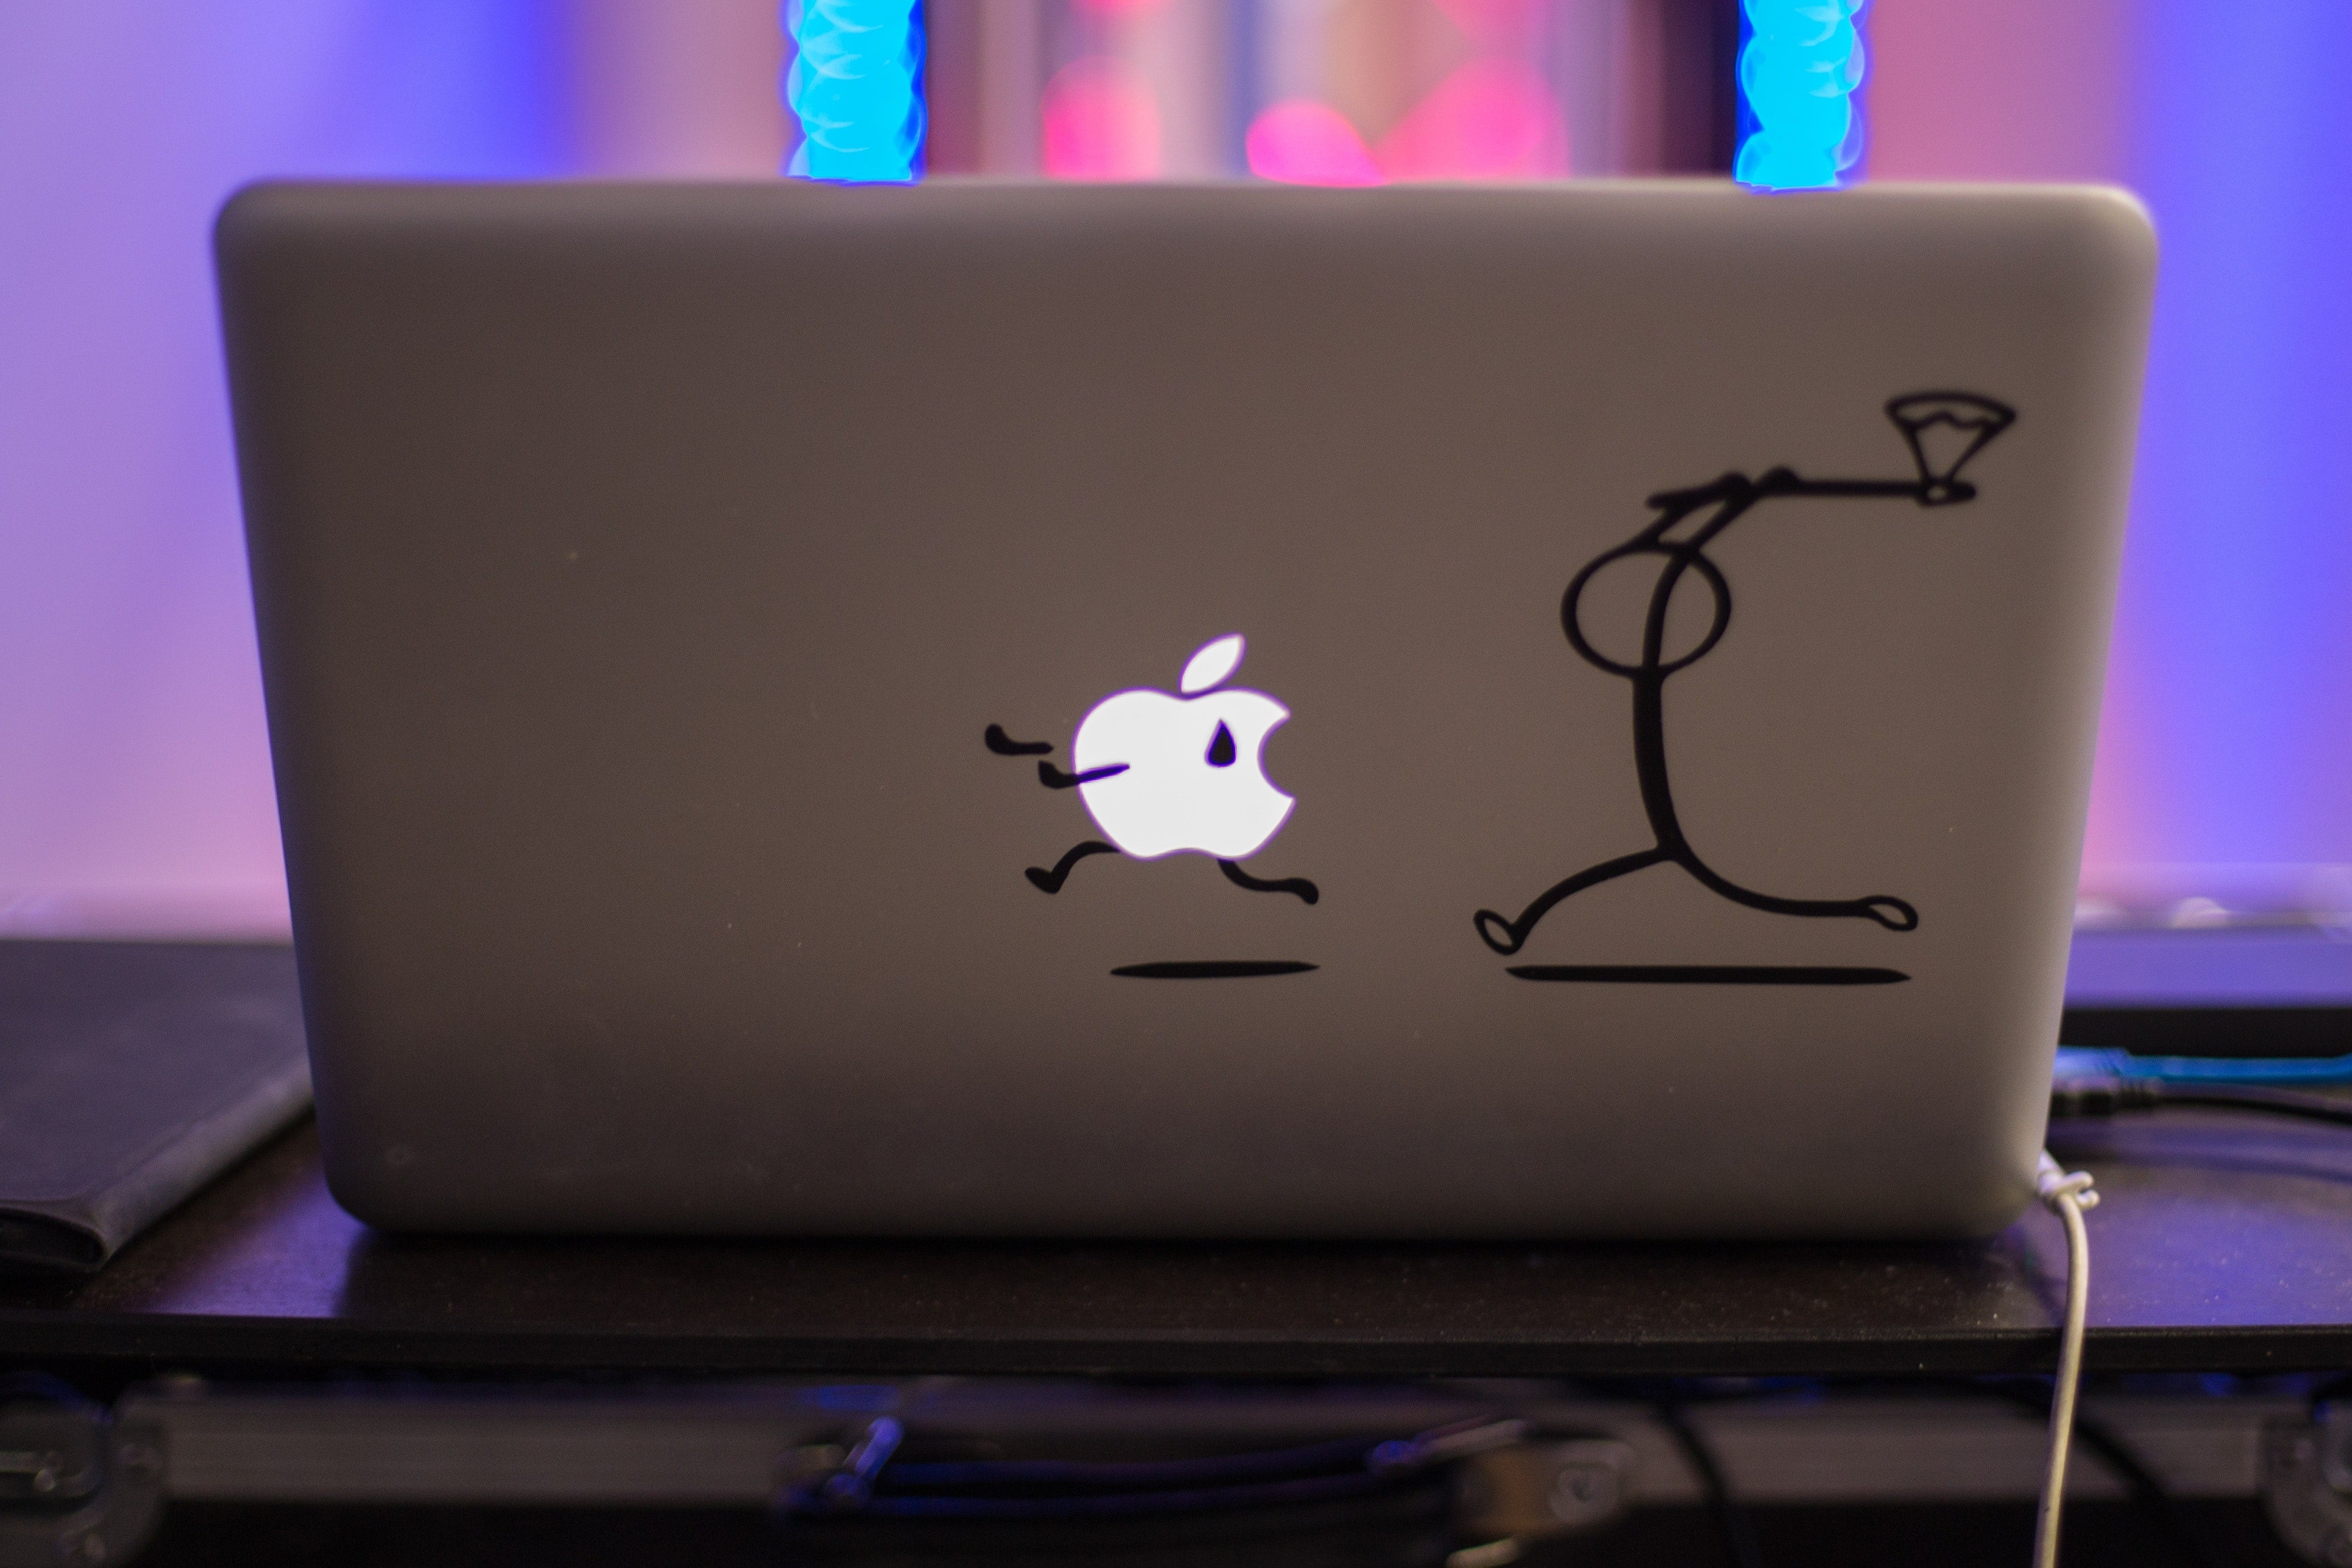 Szukanie luk w macOS stanie się opłacalne? Apple ma uruchomić program nagród